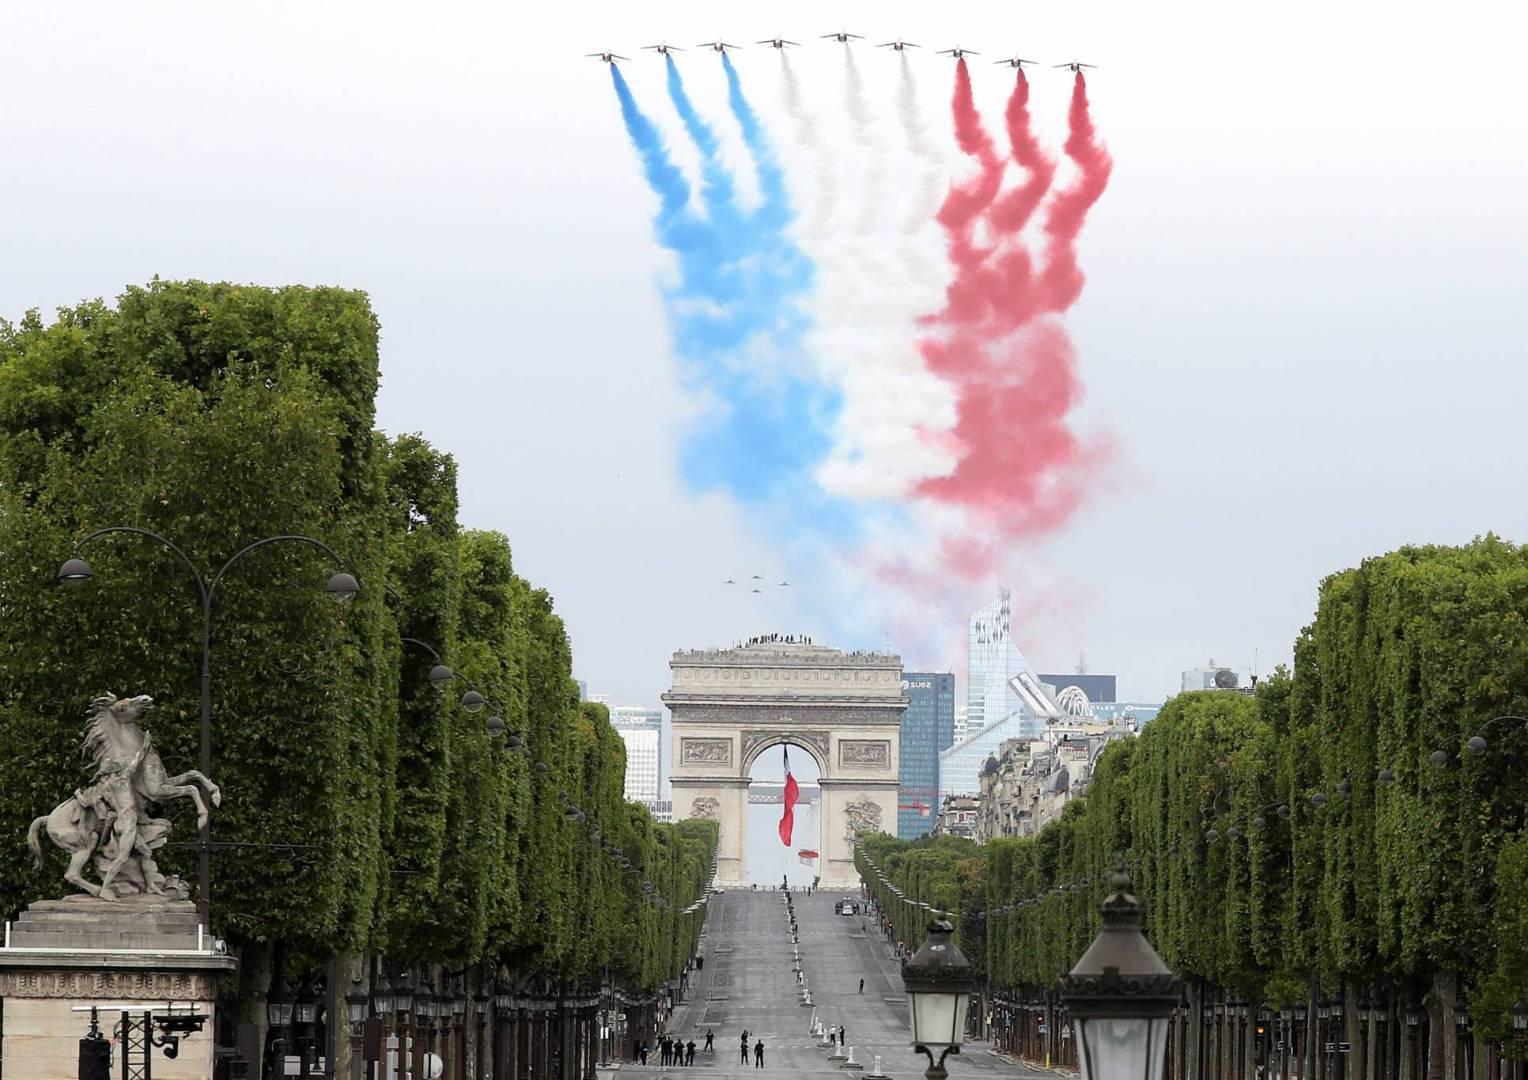 O tradicional desfile militar na Place de la Concorde, no centro de Paris, reuniu sob um céu nublado cerca de 2 mil soldados, metade do habitual